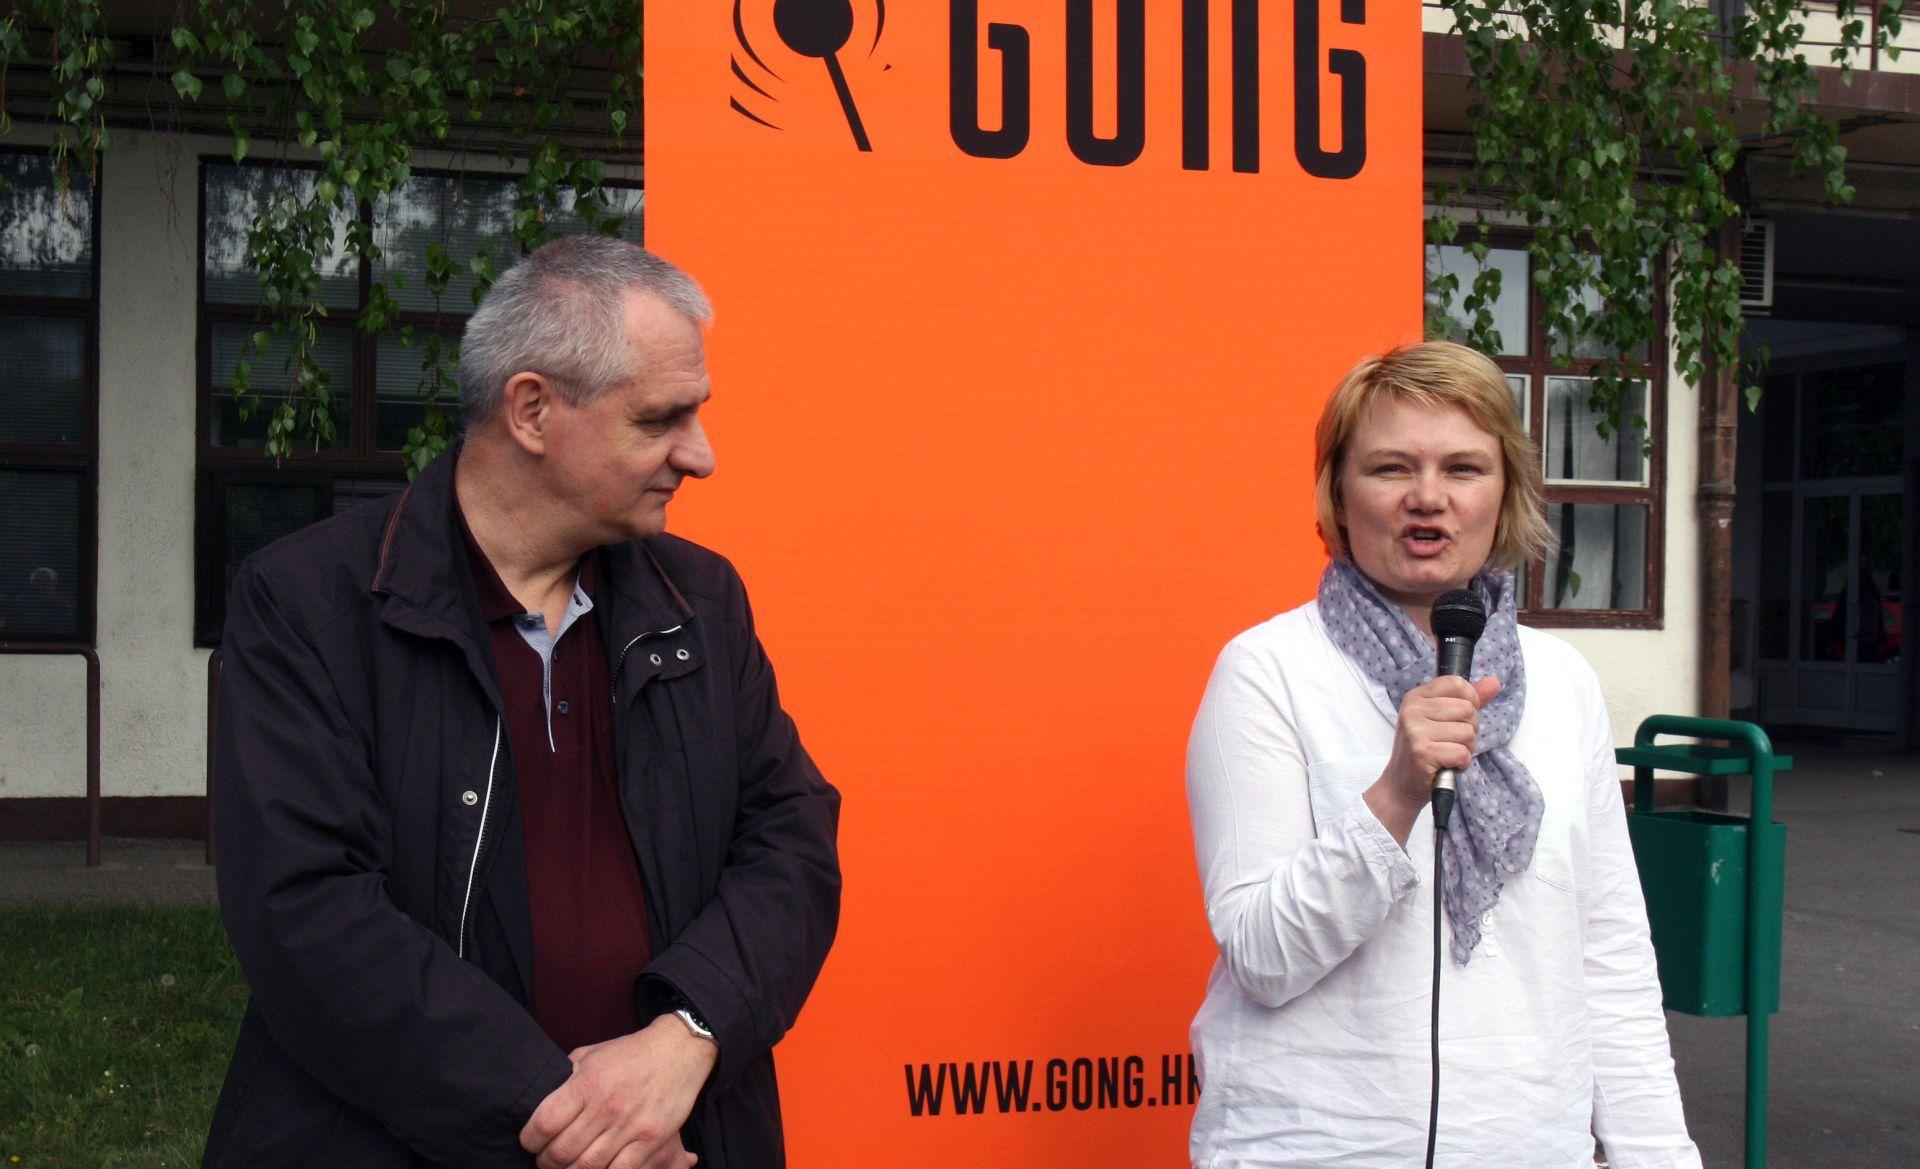 OBLJETNICA GONG-A Civilno društvo nisu organizacije kojima je cilj smanjivanje ljudskih prava i sloboda